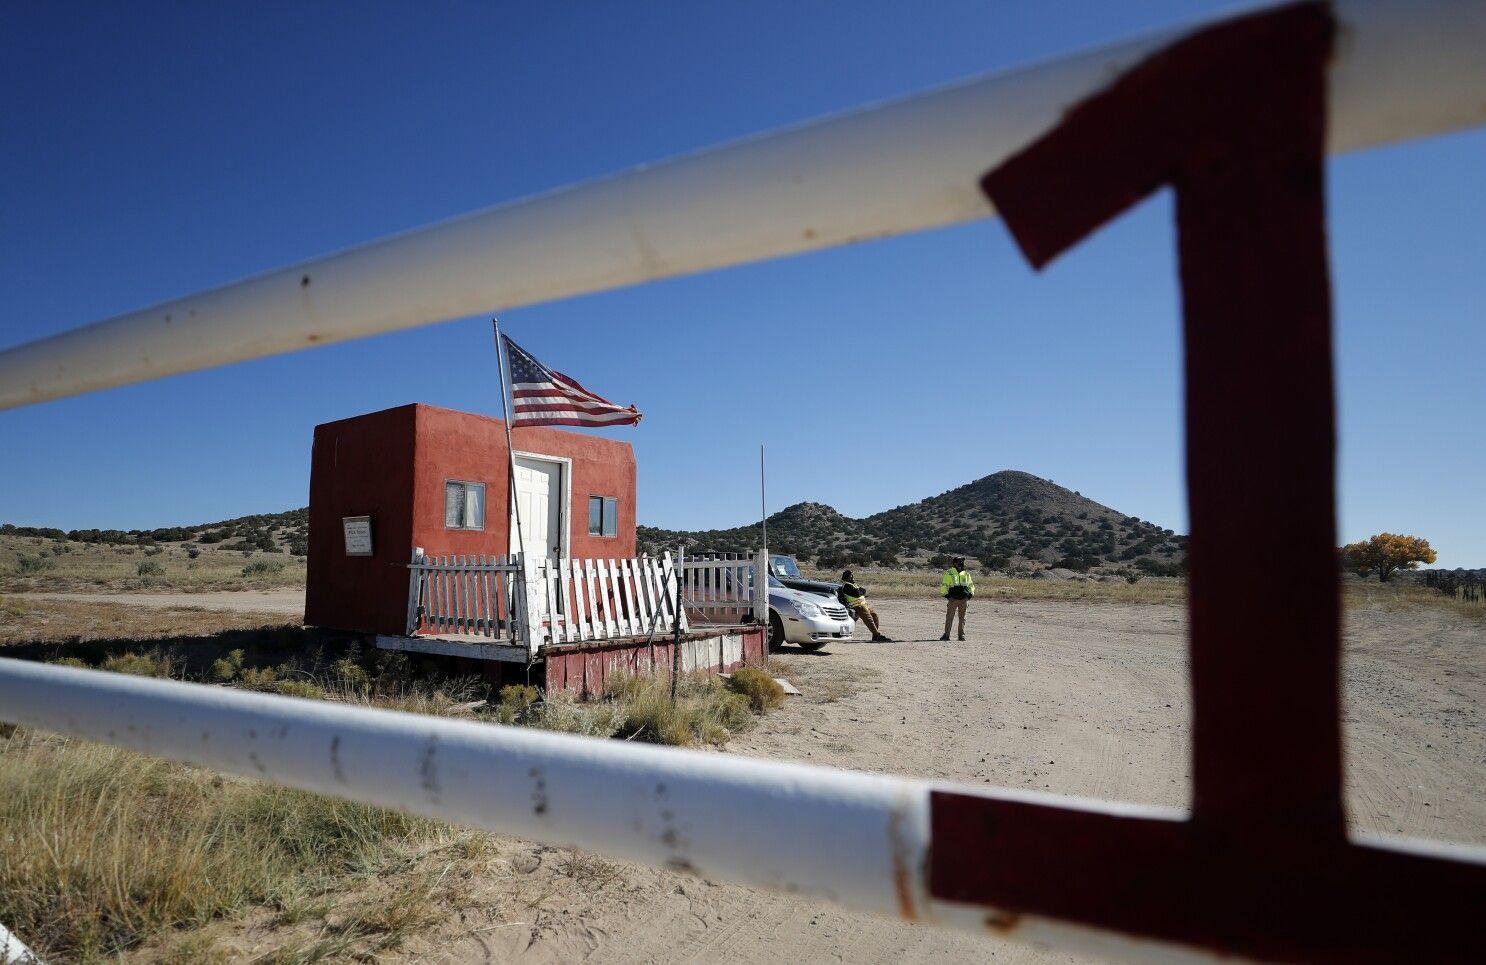 Agentes de seguridad privada en la entrada del rancho usado para filmaciones Bonanza Creek Film Ranch en Santa Fe, Nuevo México el 22 de octubre de 2021. El actor Alec Baldwin disparó un arma de utilería en el set de un western que estaba being filmado en el rancho el jueves 21 de octubre de 2021 provocando la muerte de la cinefotógrafa Halyna Hutchins, dijeron autoridades.